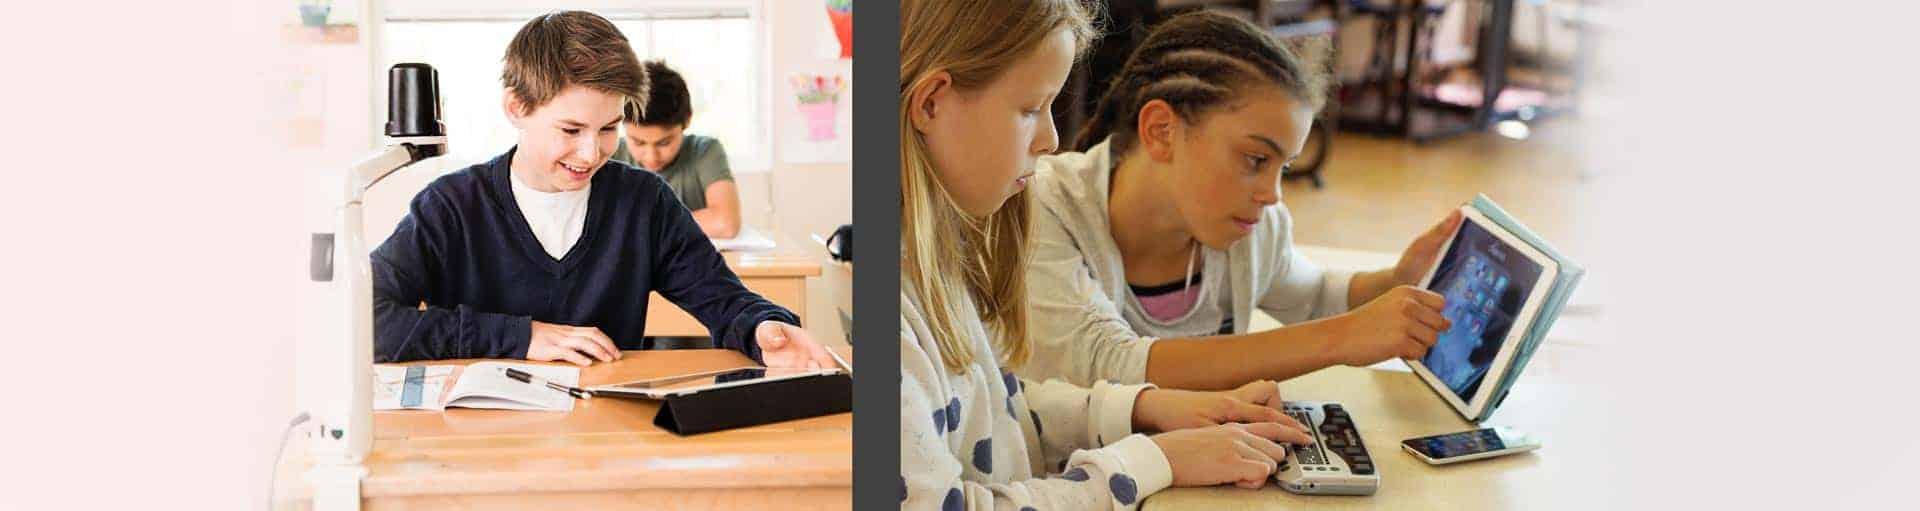 Braillezeile+Lesegerät in einer Schule